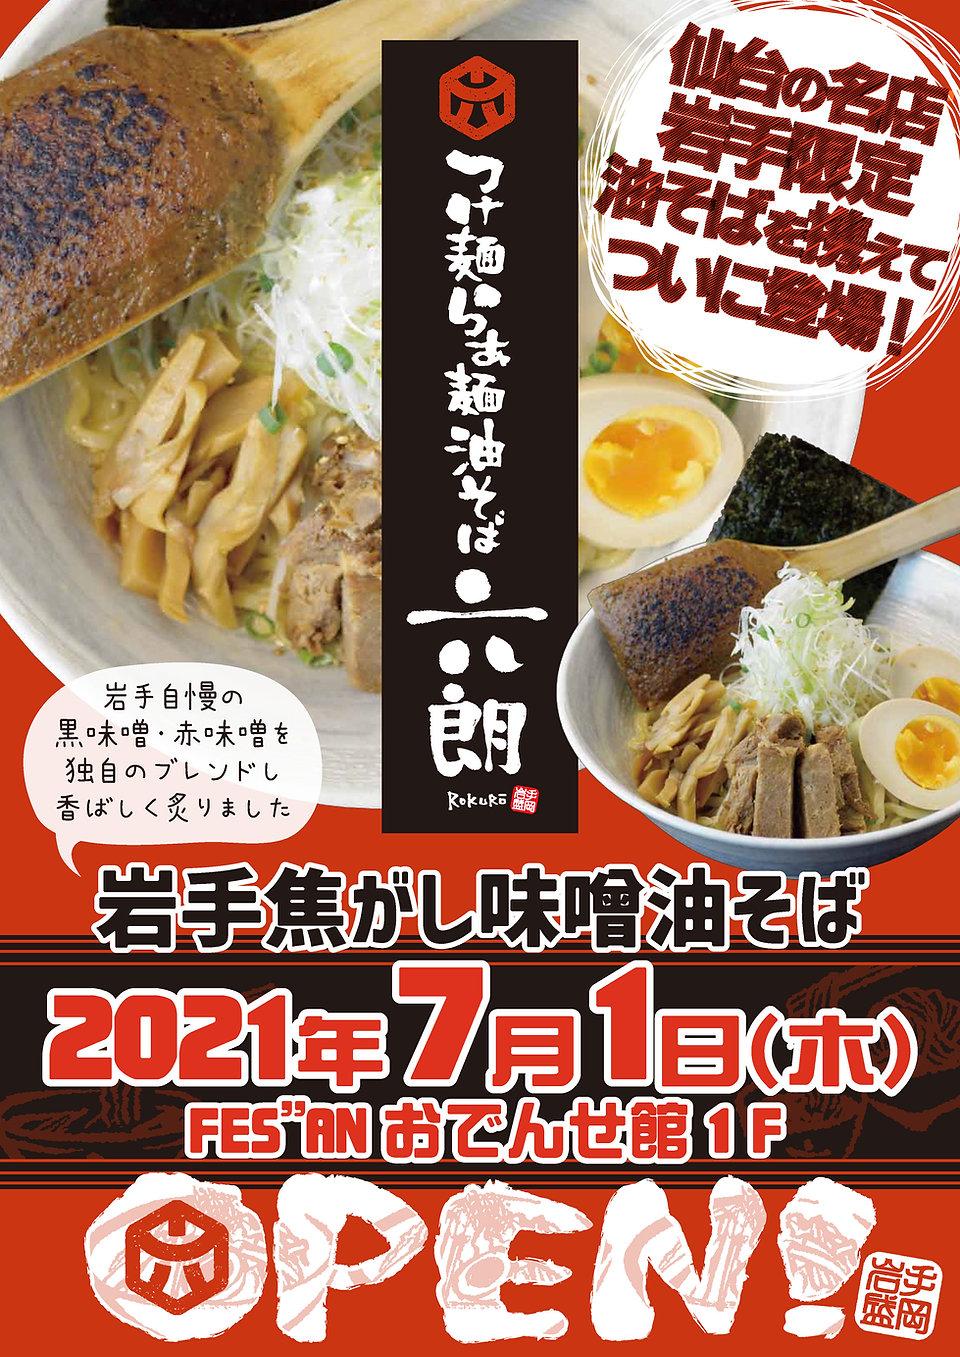 Open Pop_Rokuro_Morioka.jpg